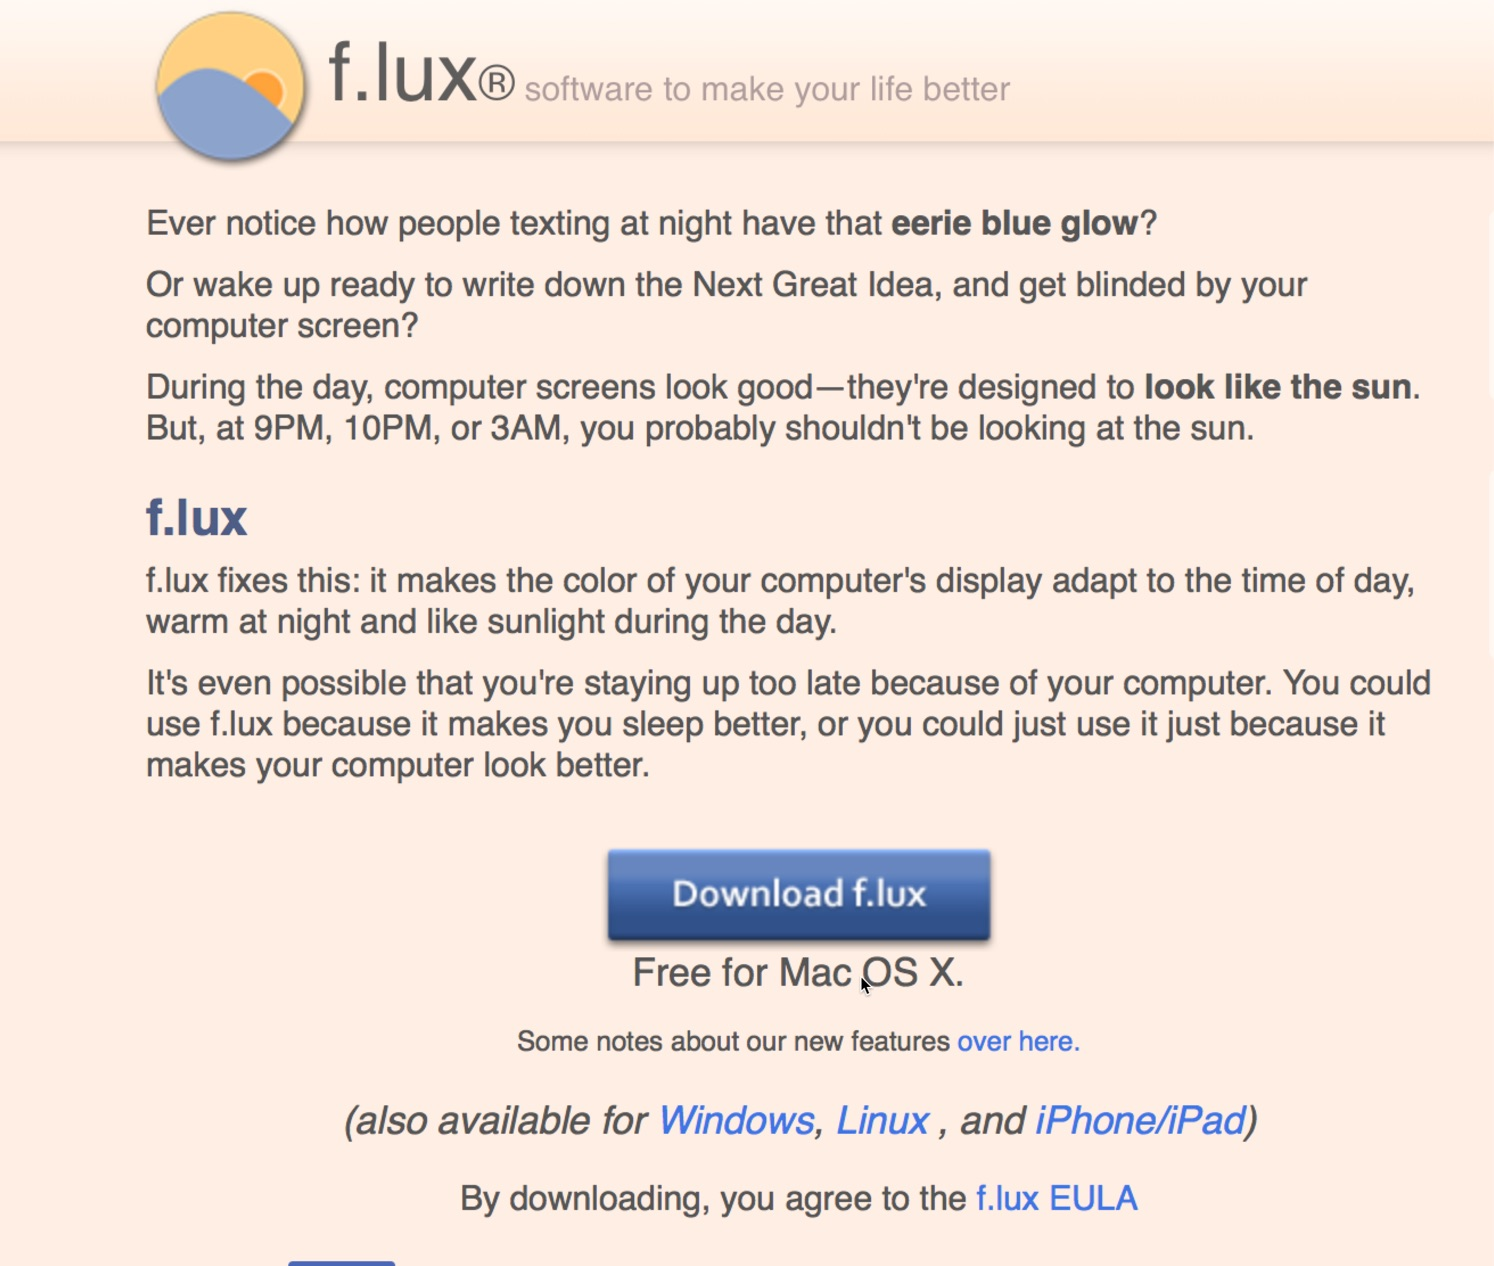 downloadflux